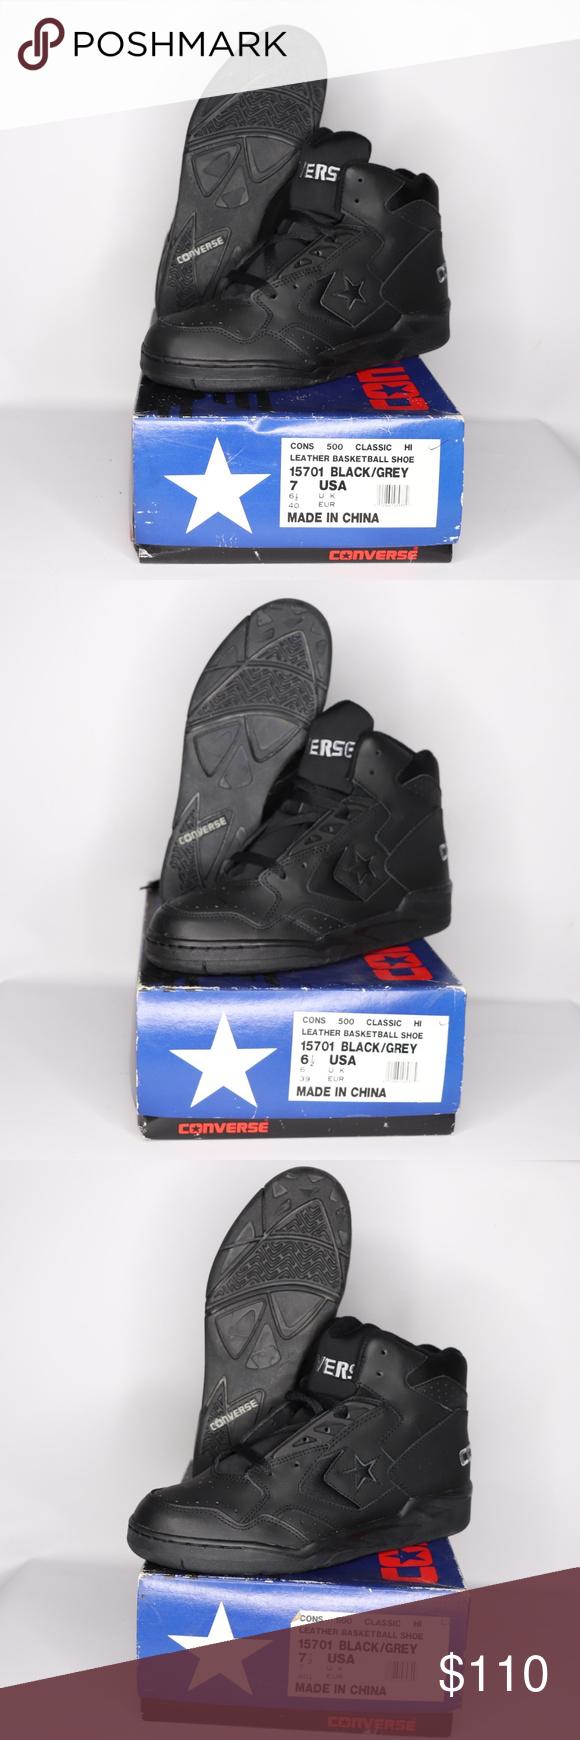 f04447e95ef6 Vintage New Converse Cons 500 Hi Shoes Black Gray Vintage 90s Converse Cons  500 Hi Leather Basketball Shoes Basketball Shoes New with box